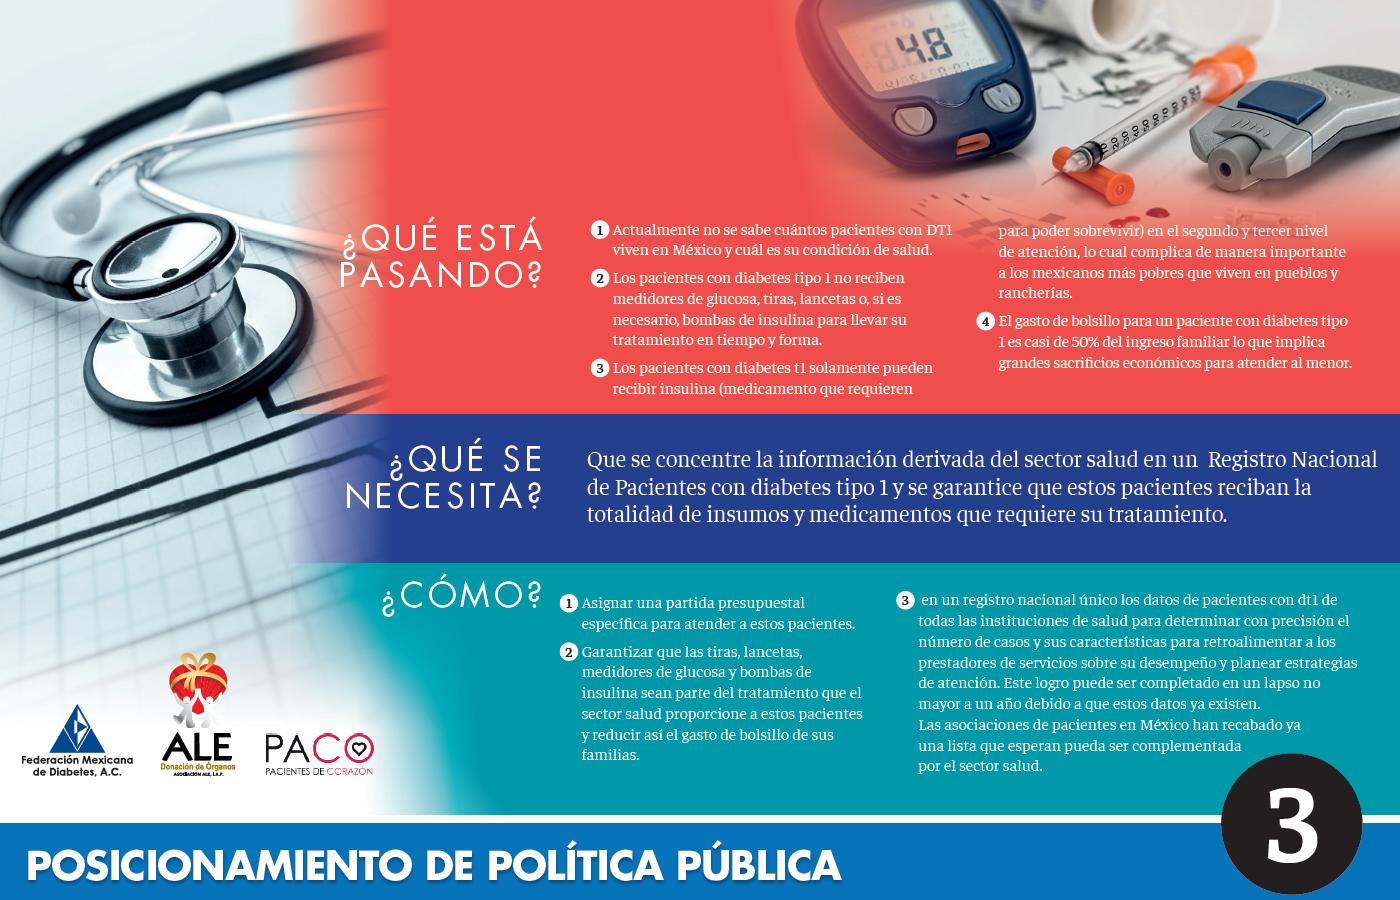 FMD – Incidencia en política pública 3